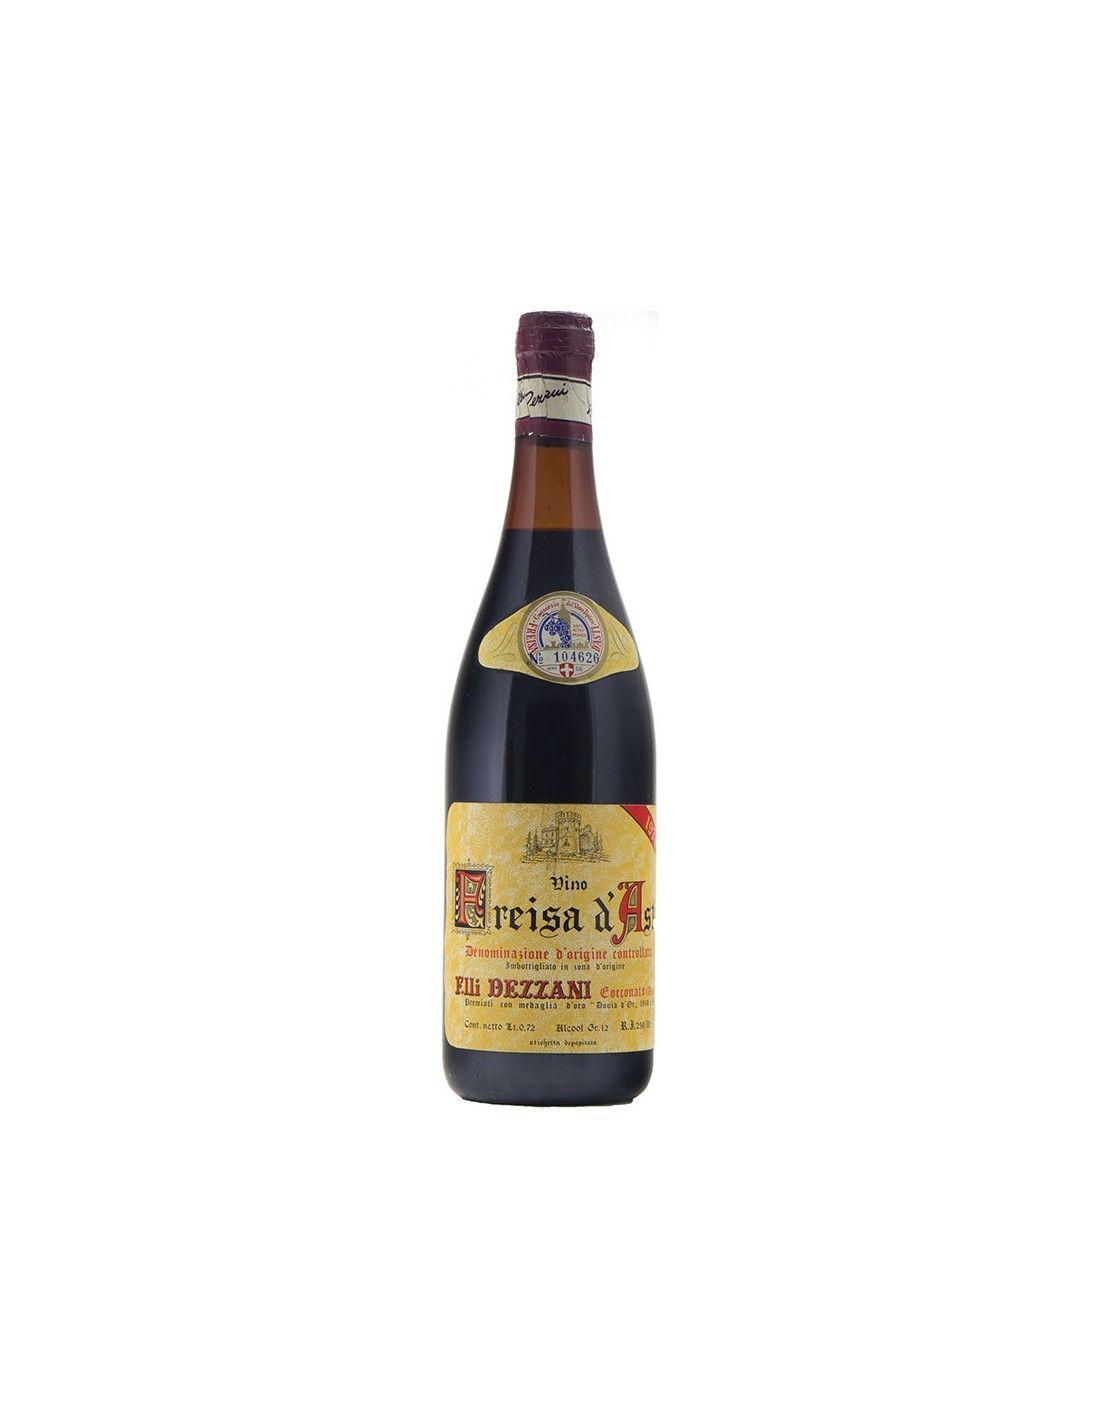 FREISA D'ASTI 1974 DEZZANI Grandi Bottiglie